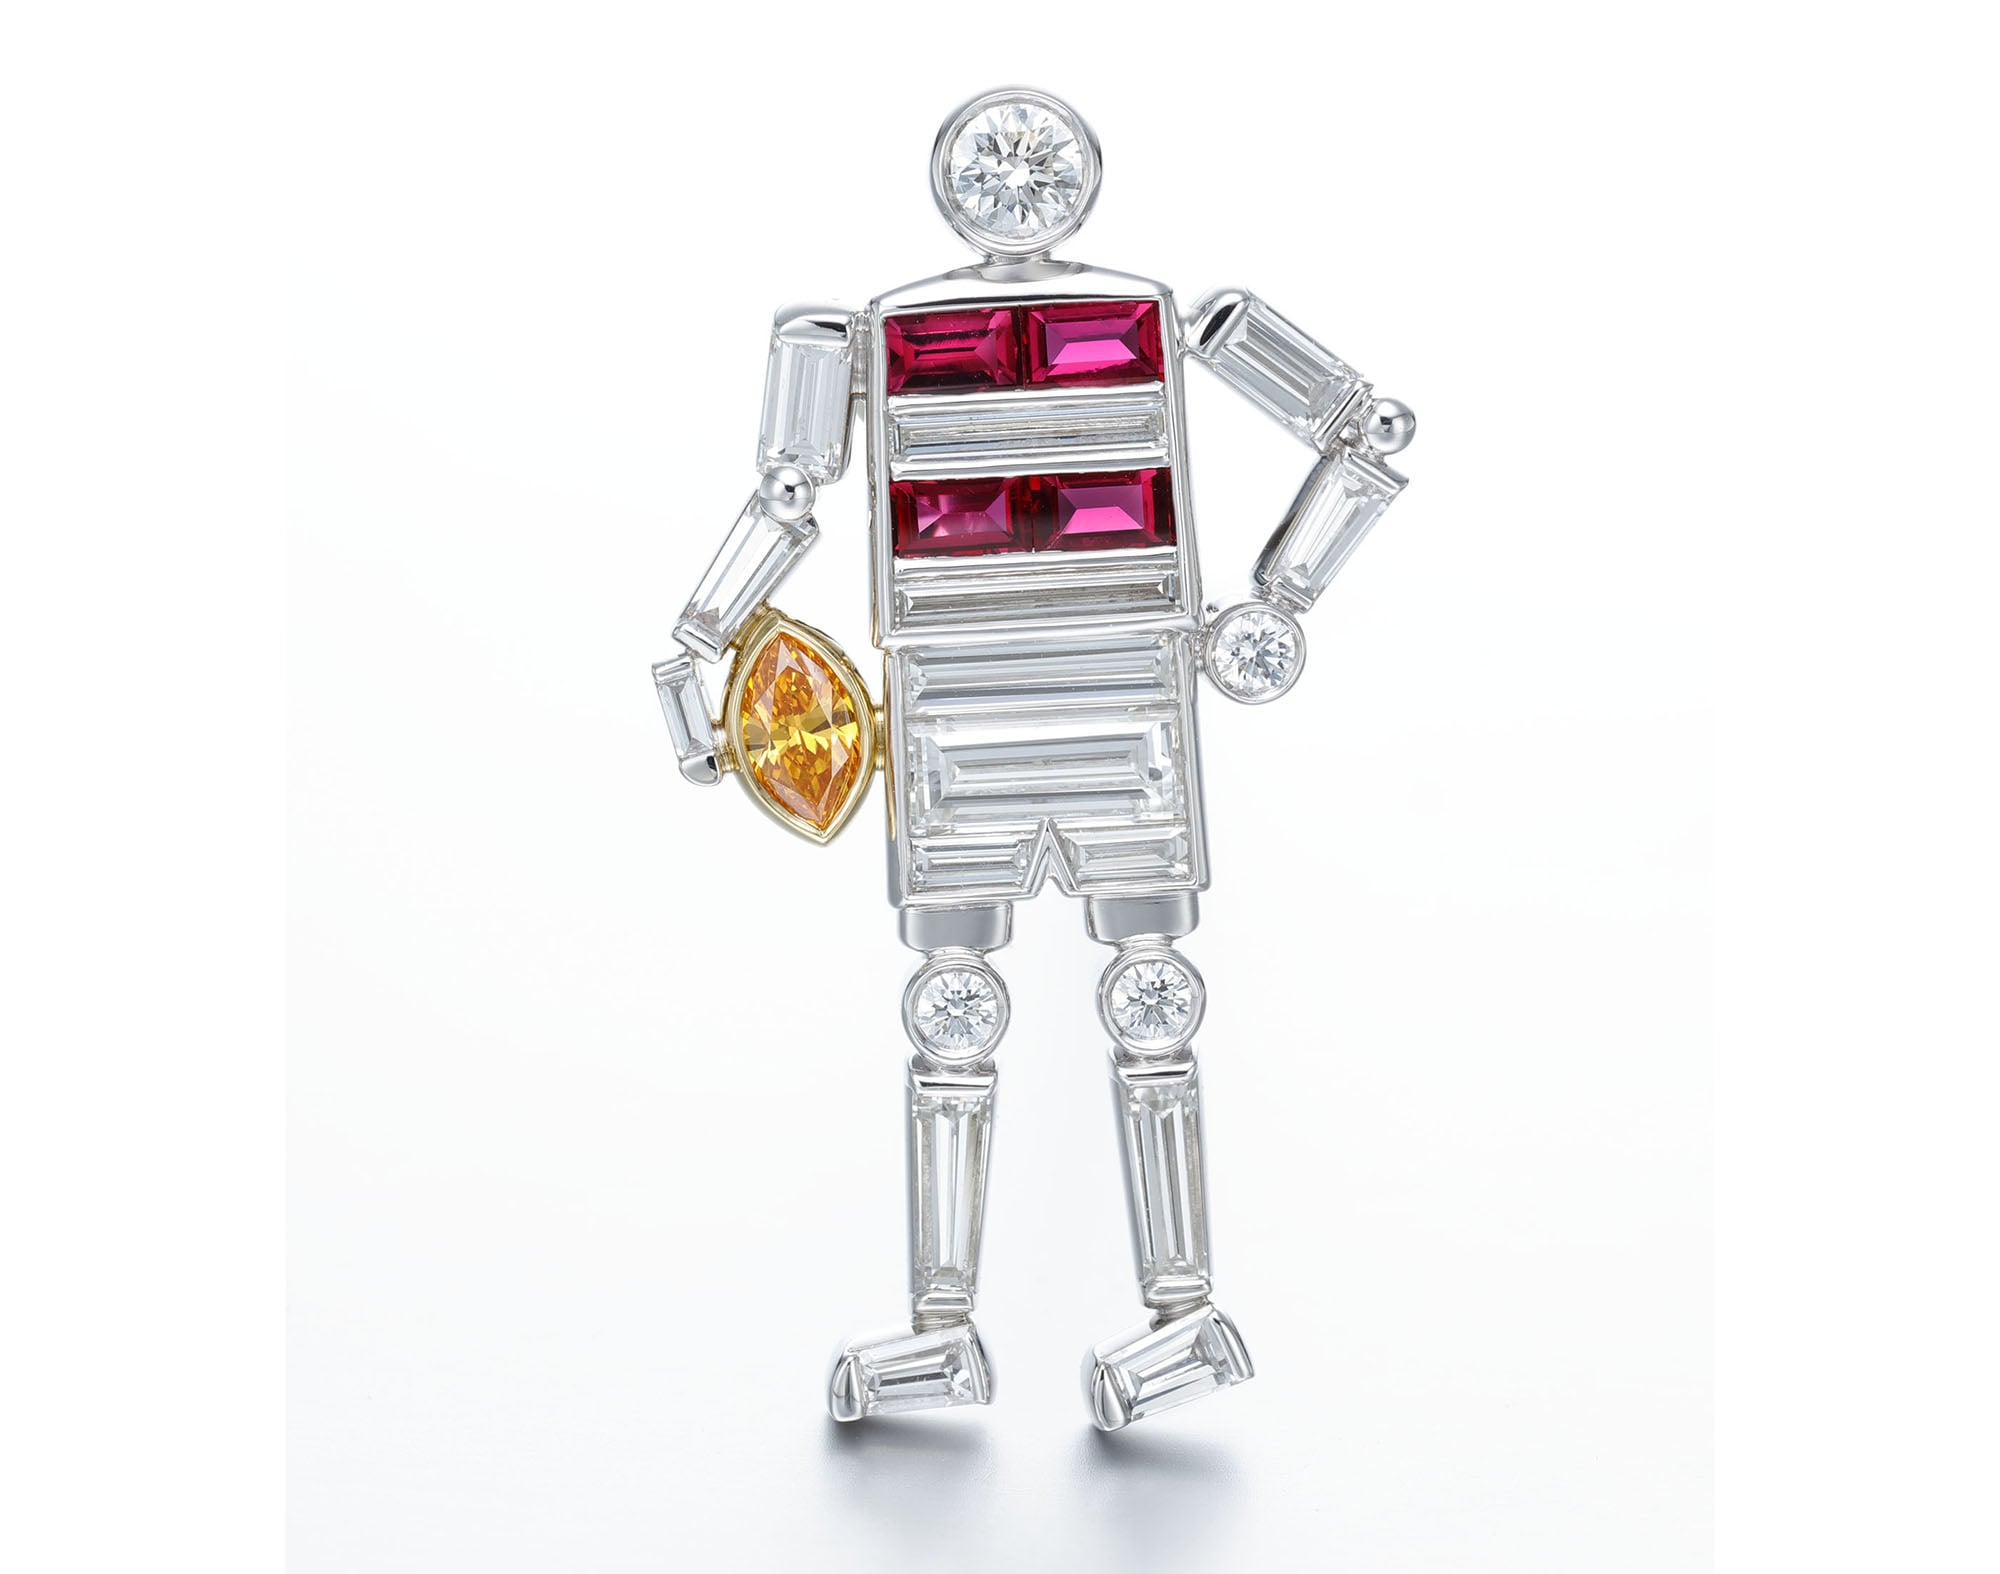 「ラガーマン」ブローチ。Pt950・K18イエローゴールド・ダイヤモンド・ルビー・イエローダイヤモンド。4,000,000円 税別